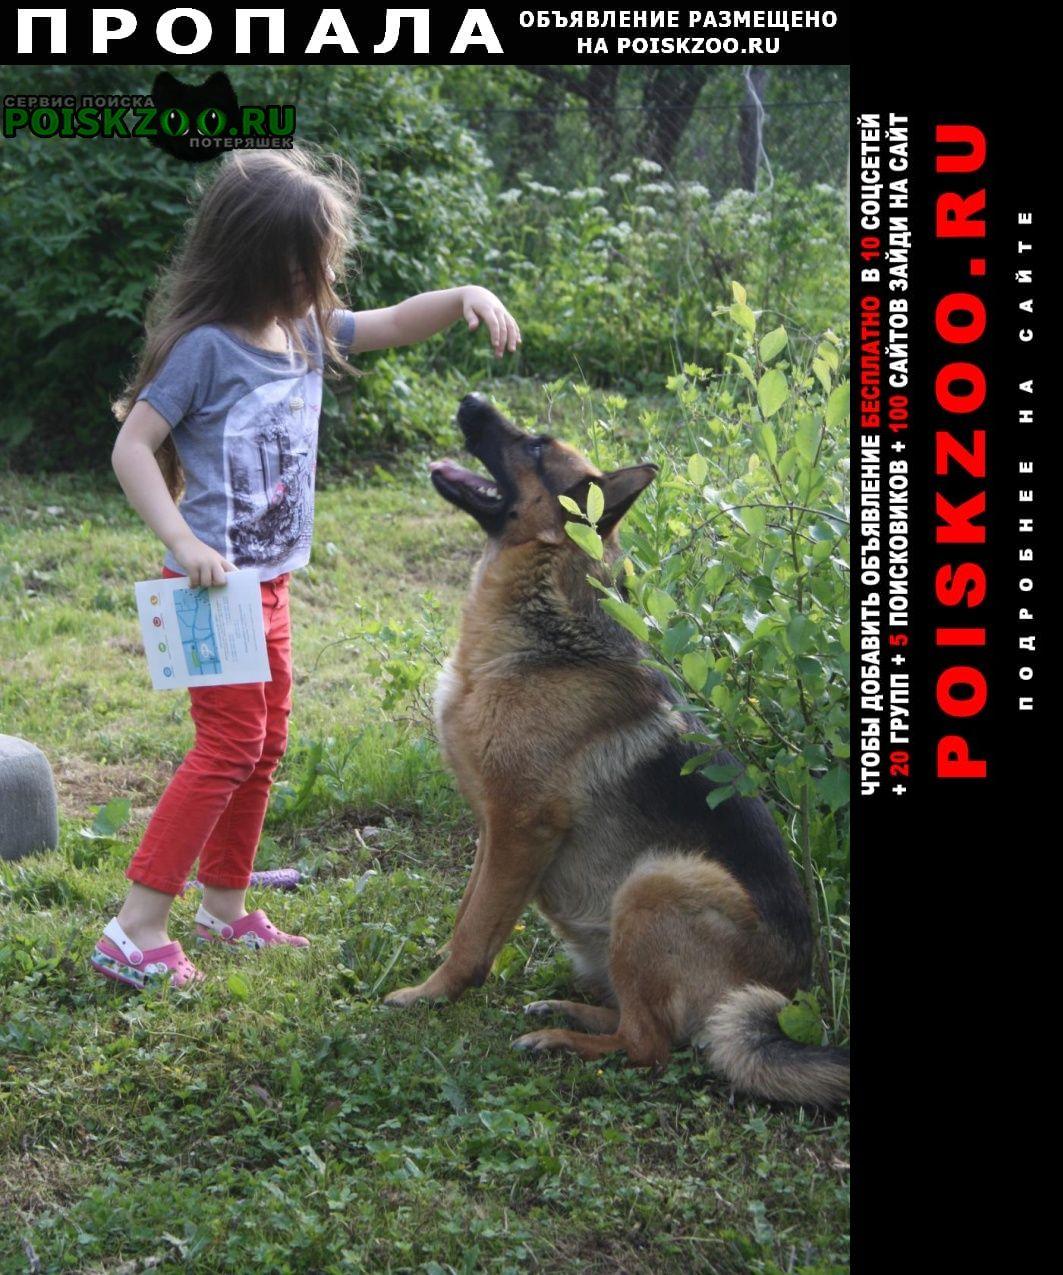 Пропала собака овчарка Хотьково